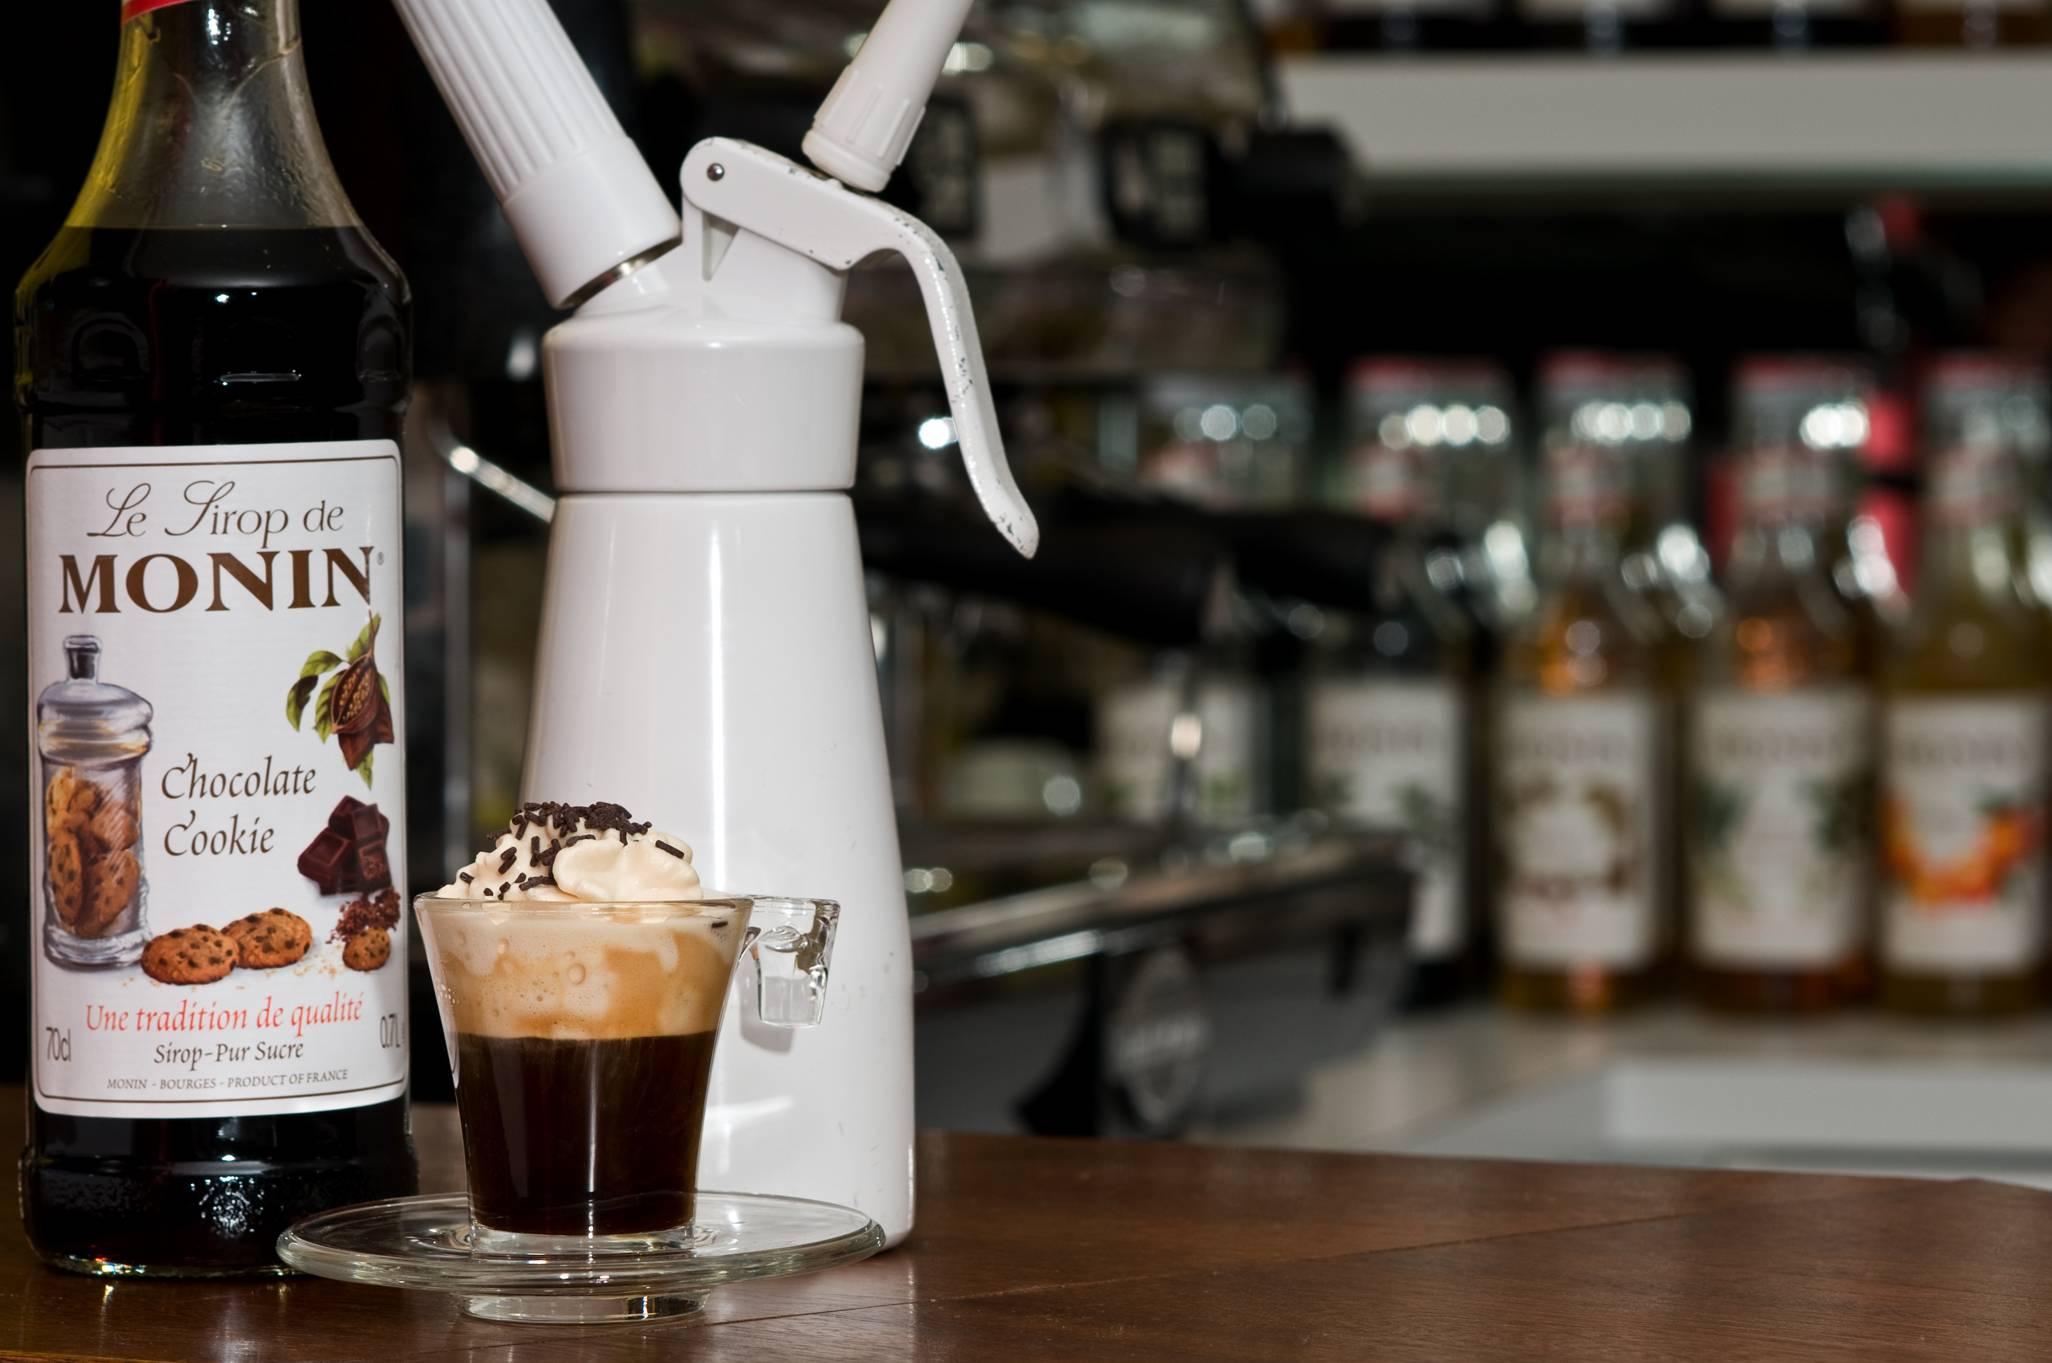 Как выбрать сиропы для кофе и топпинги: виды, марки, вкусы